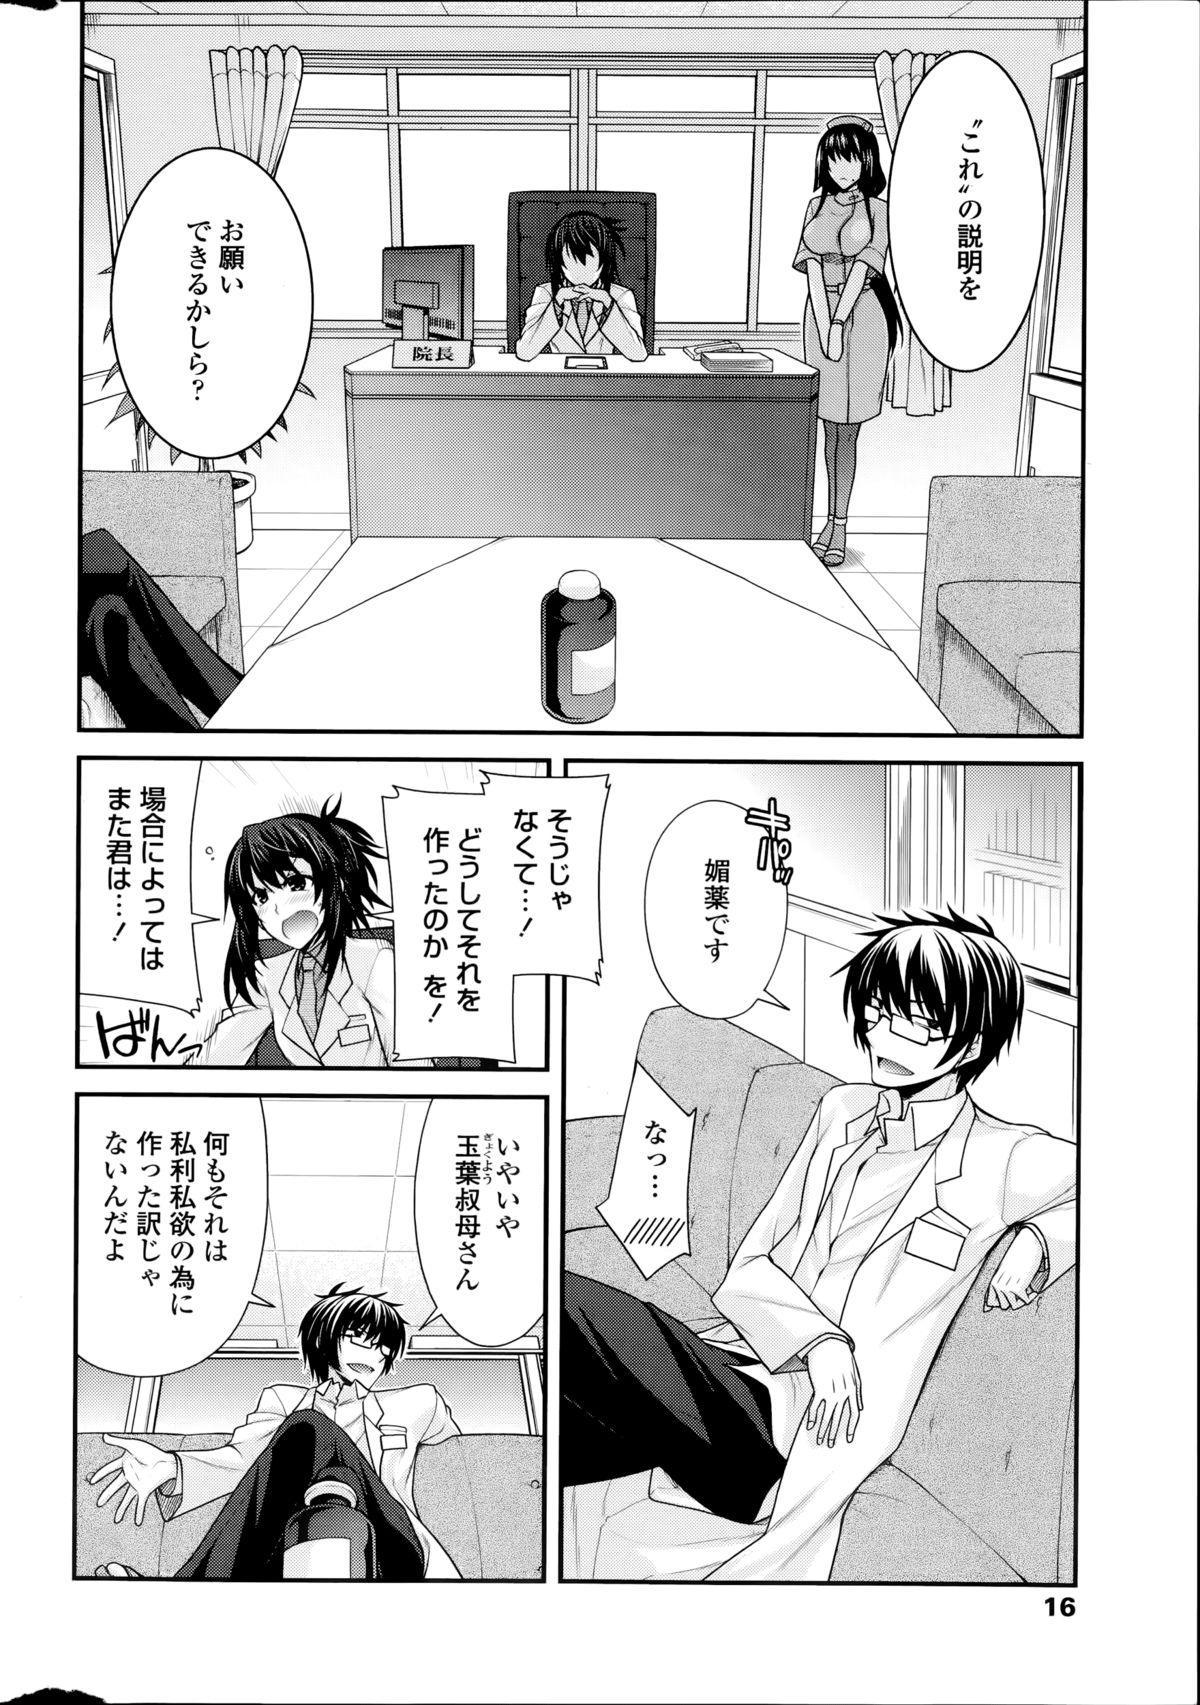 Yumemirukusuri Ch.1-3 3